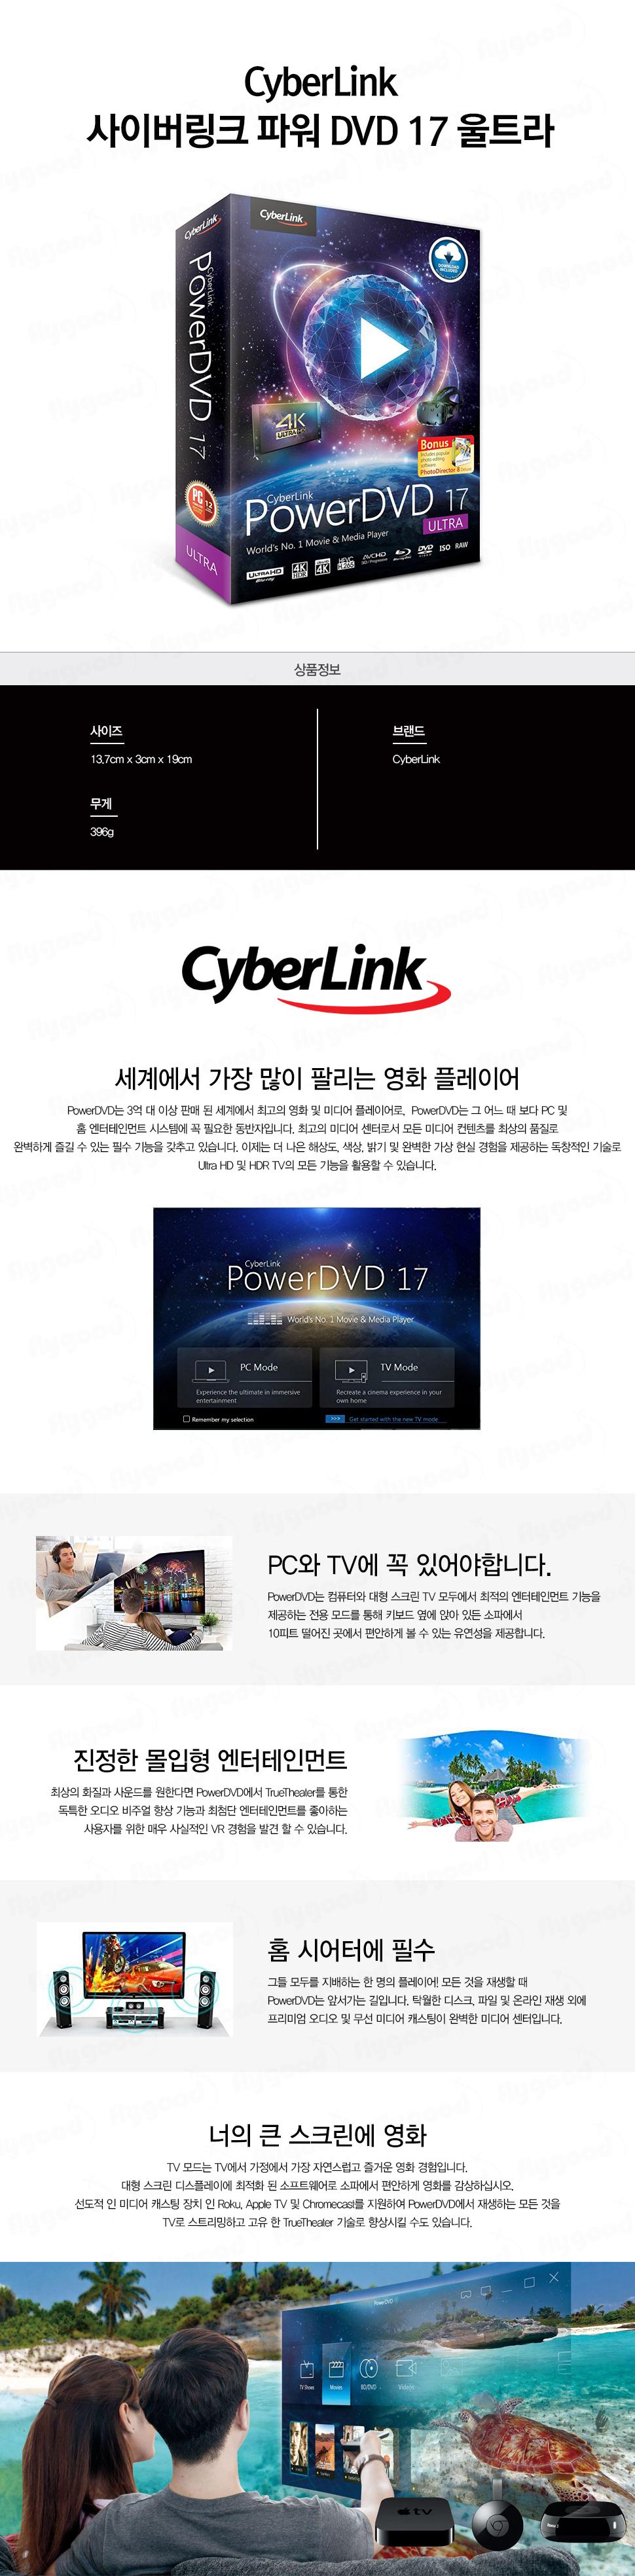 Cyberlink_파워DVD_17_울트라_01.jpg